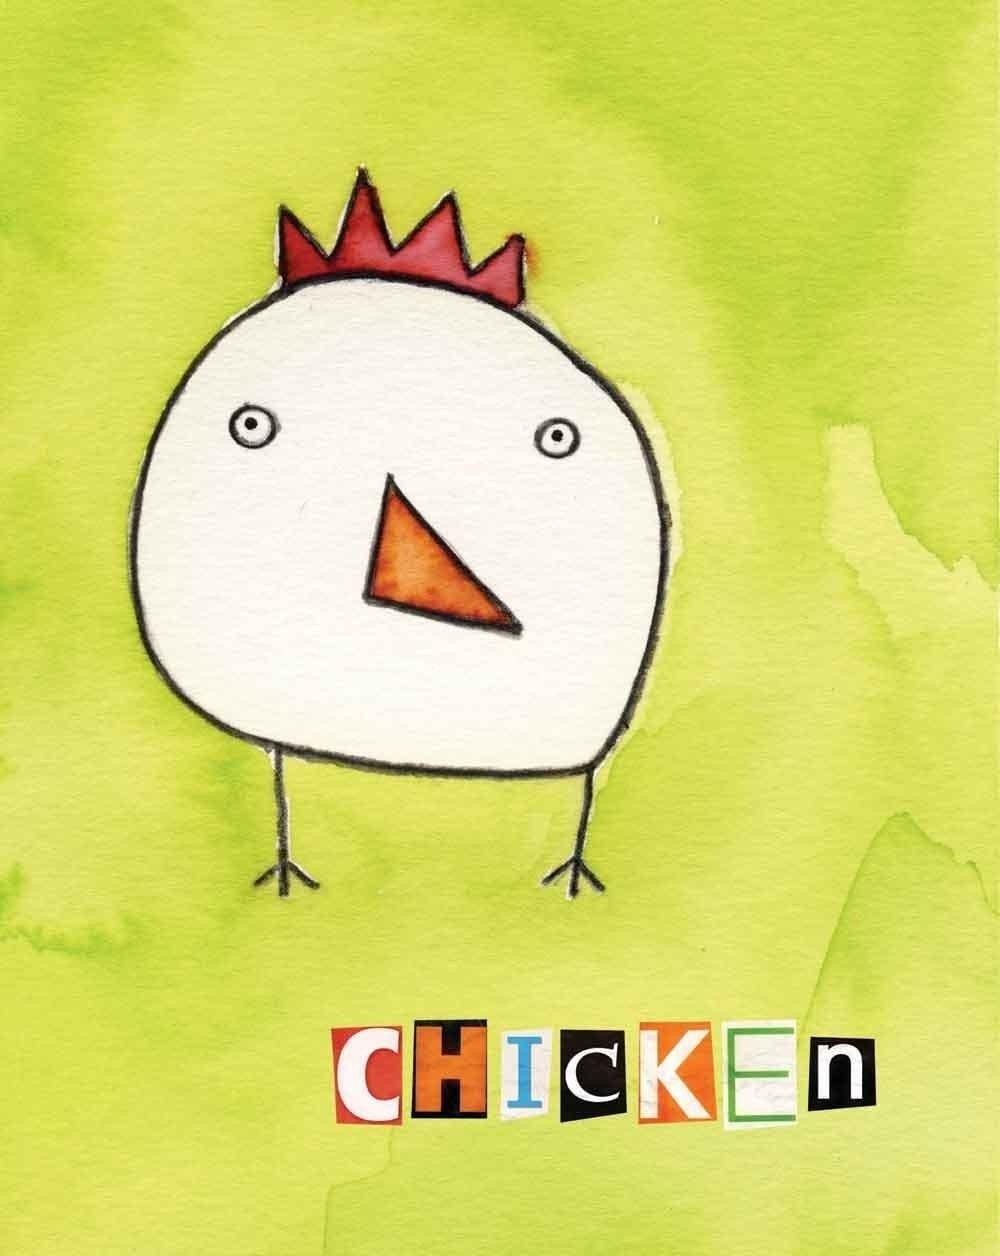 Chicken - watercolor print